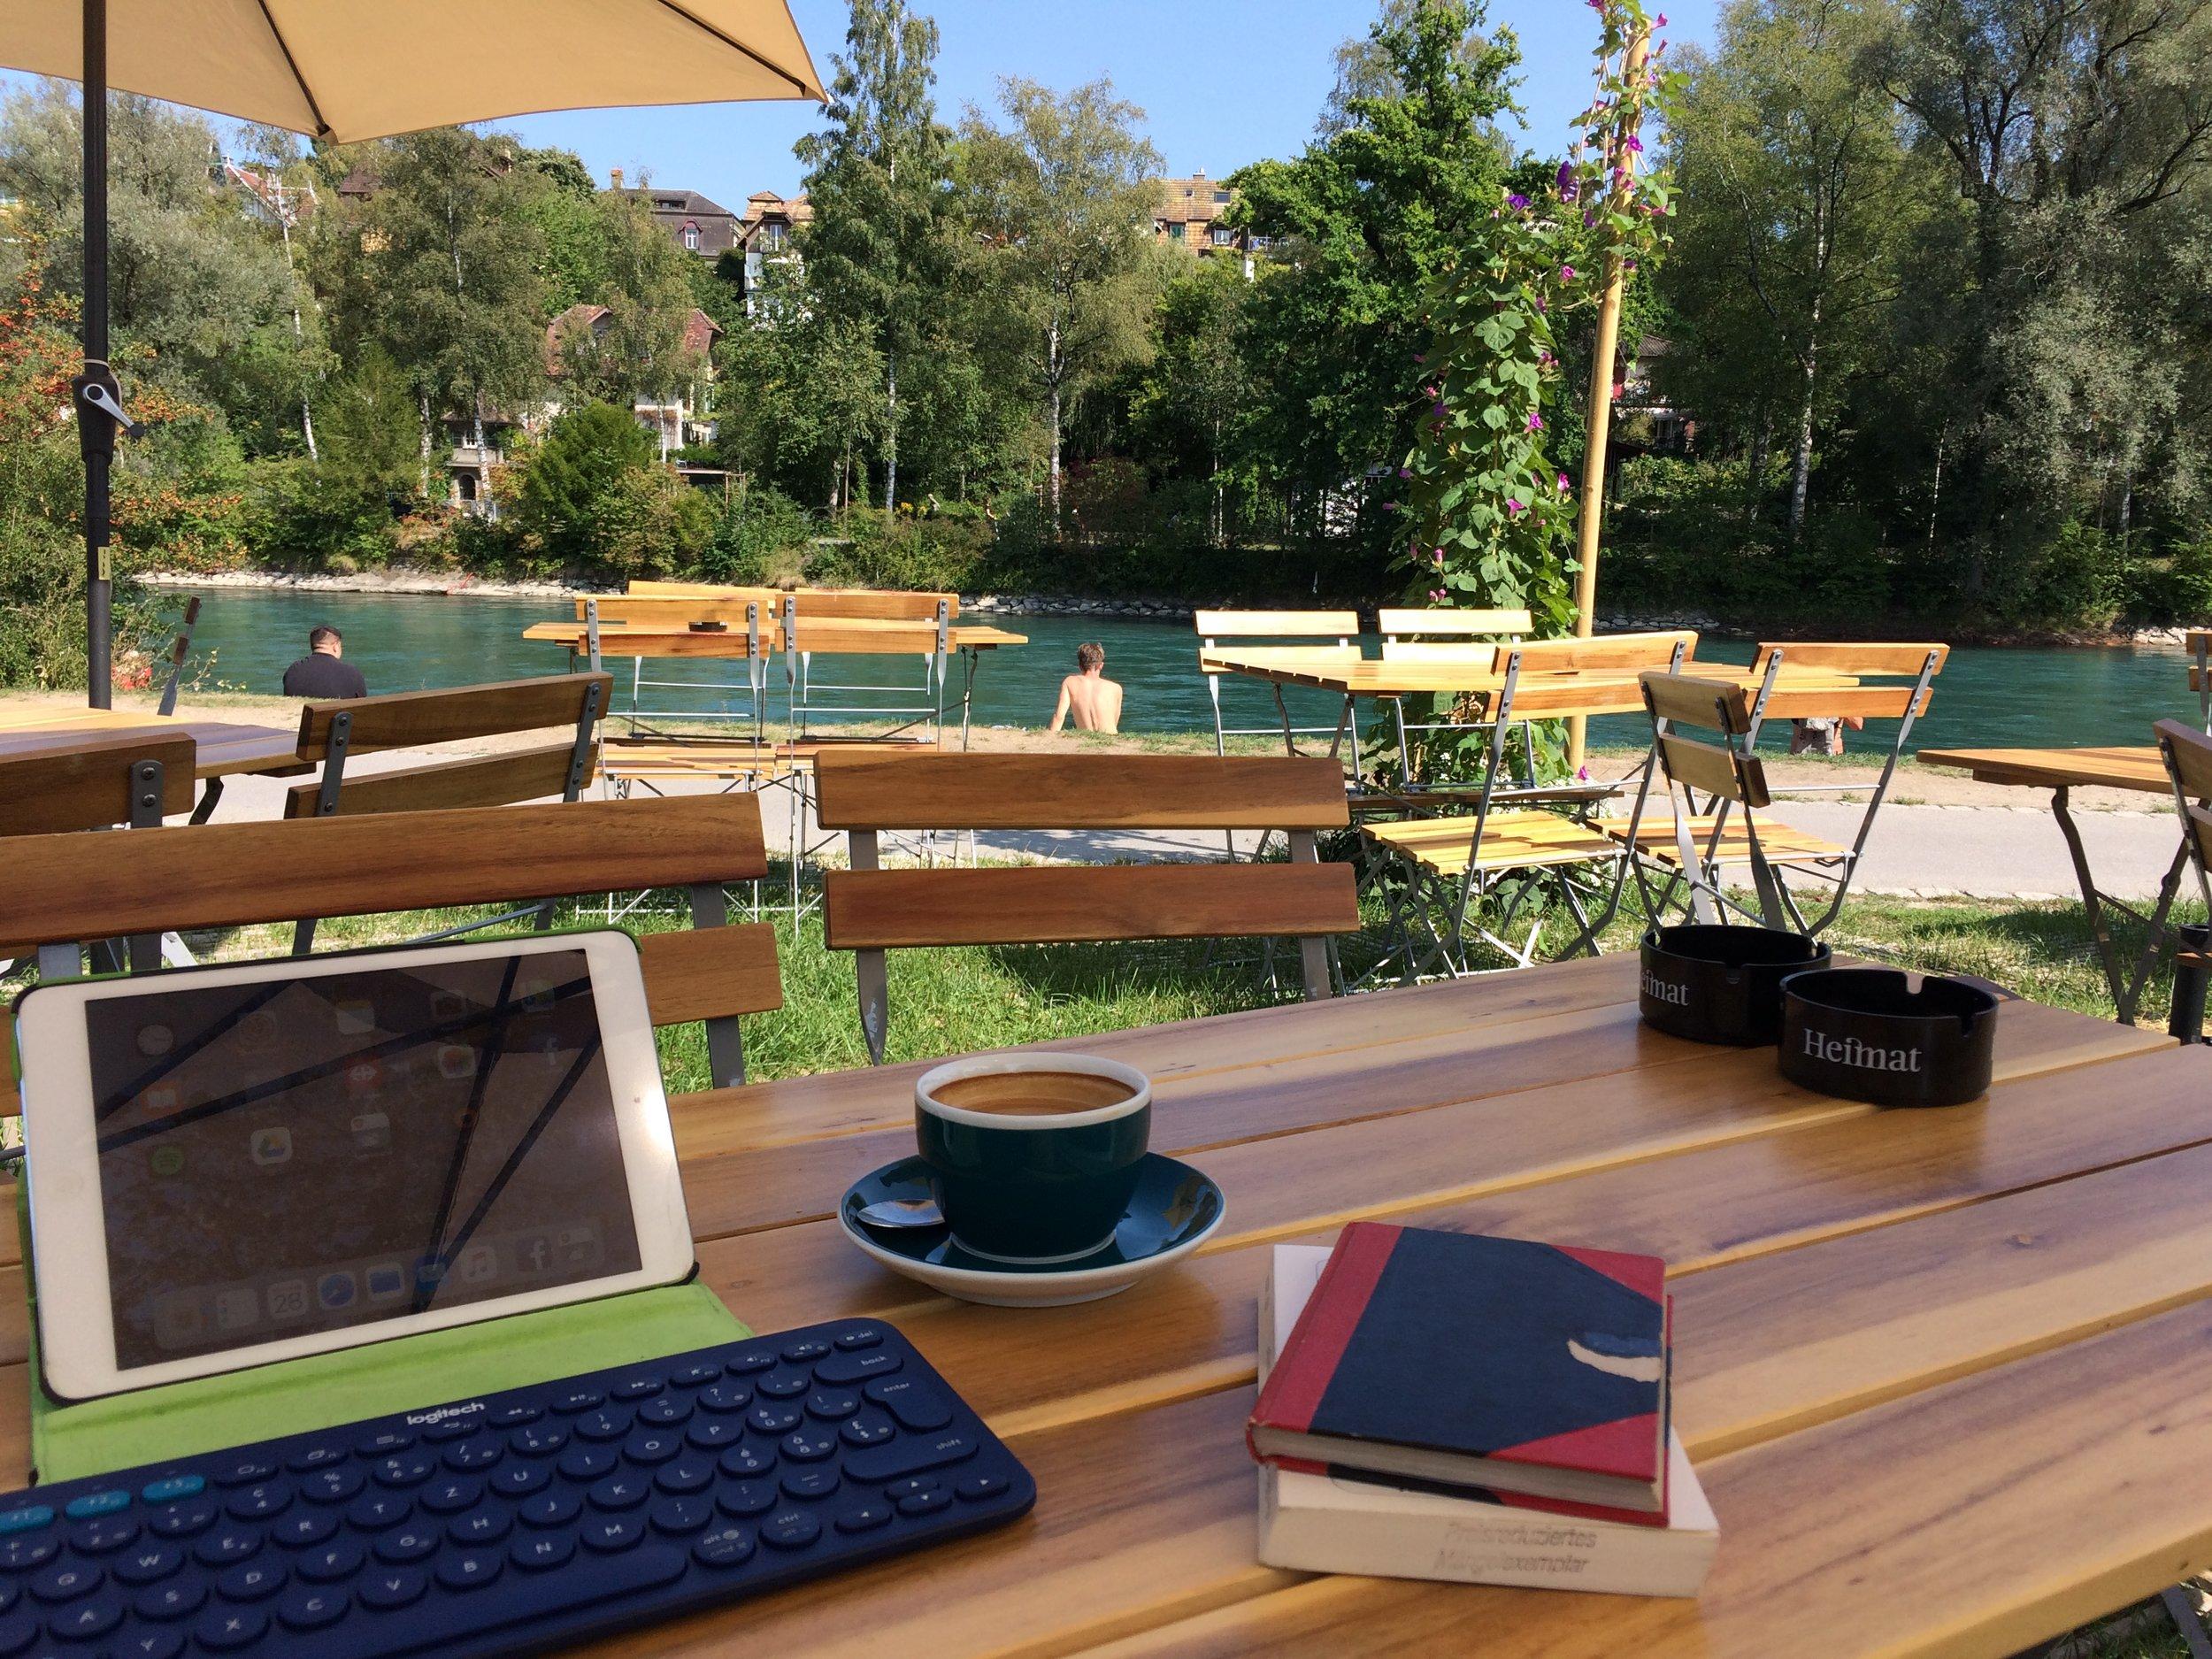 Die Aare Bar: Lieblingsschreibort der Autorin (Foto: zvg.)